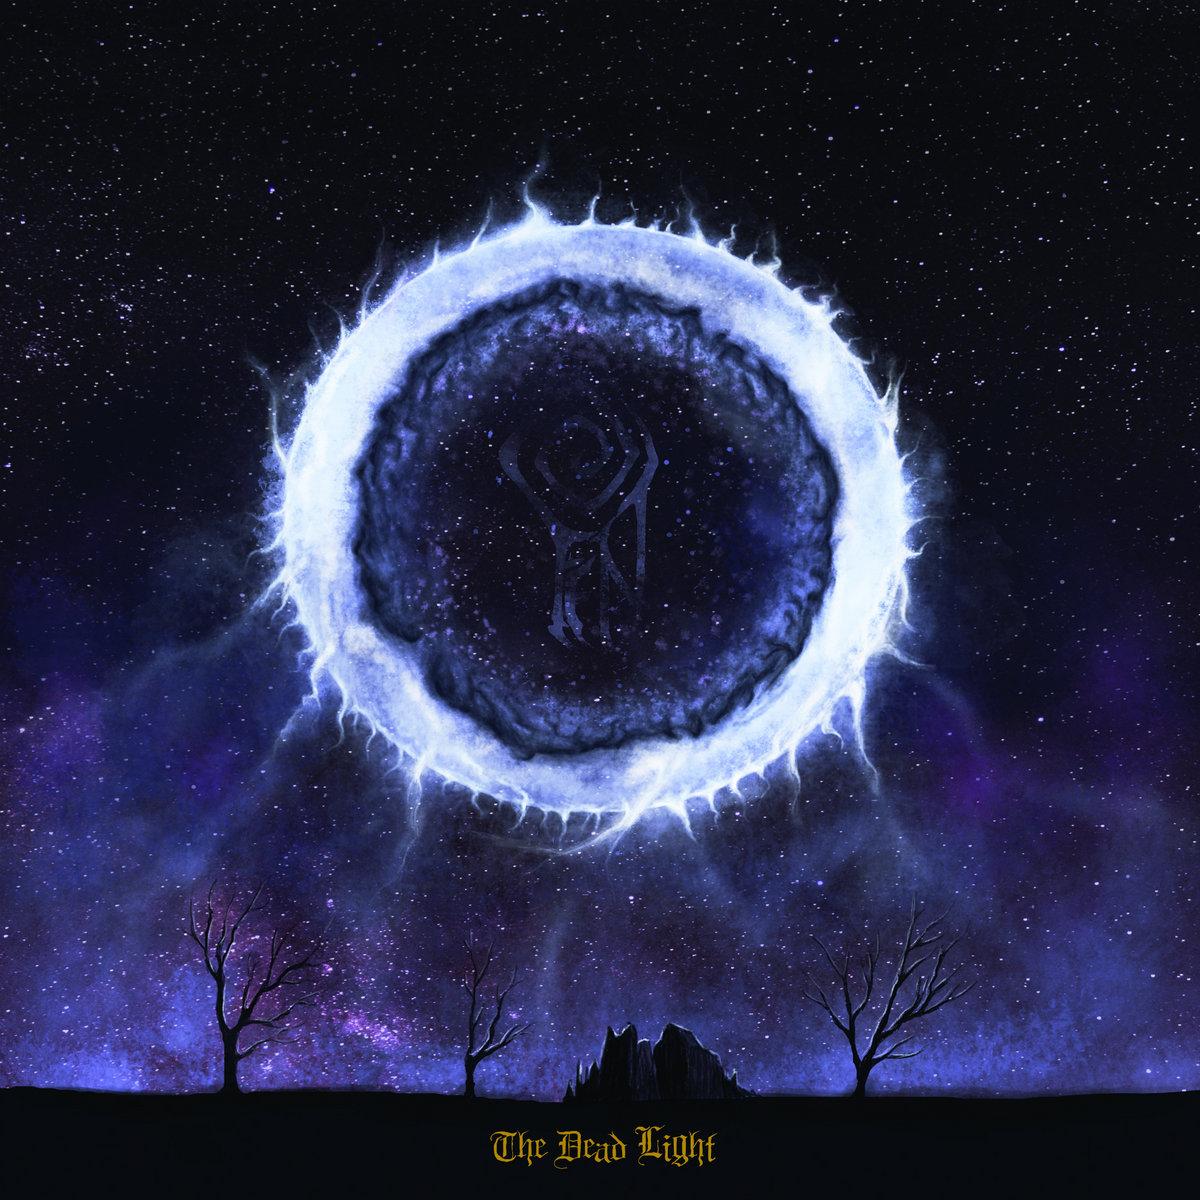 Fen: The Dead Light